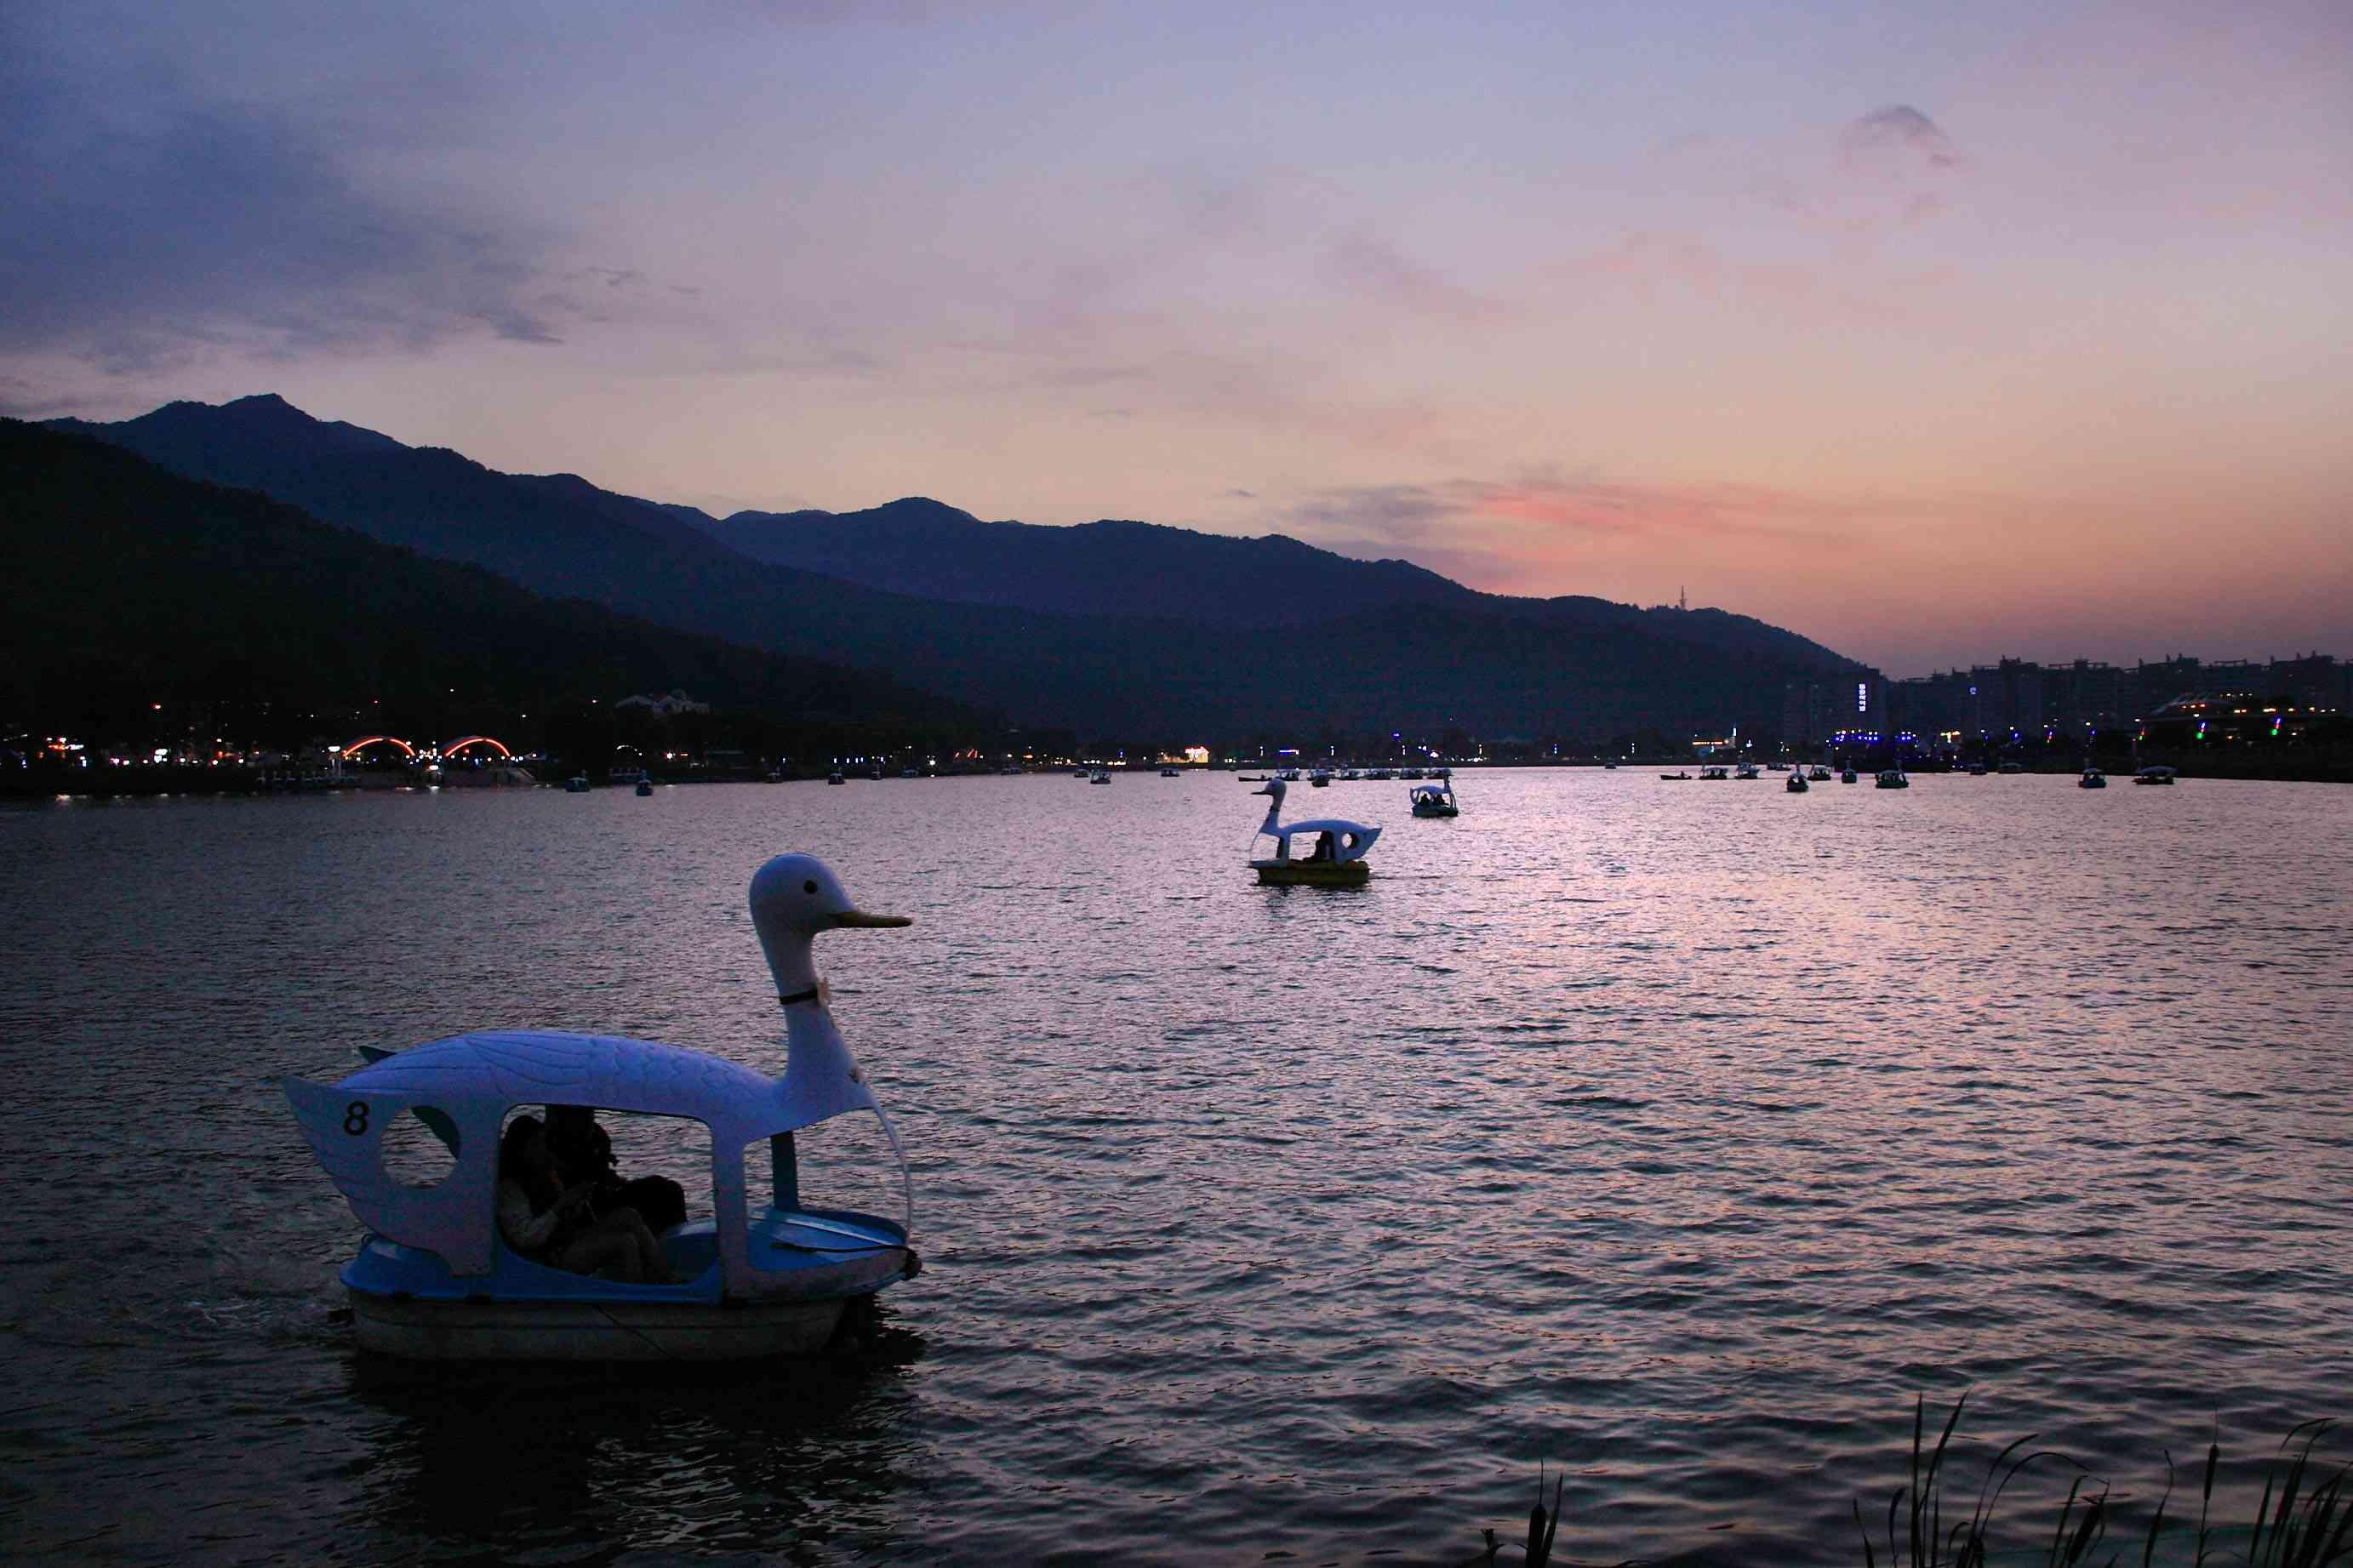 Swan boats on Lake Suseong at dusk